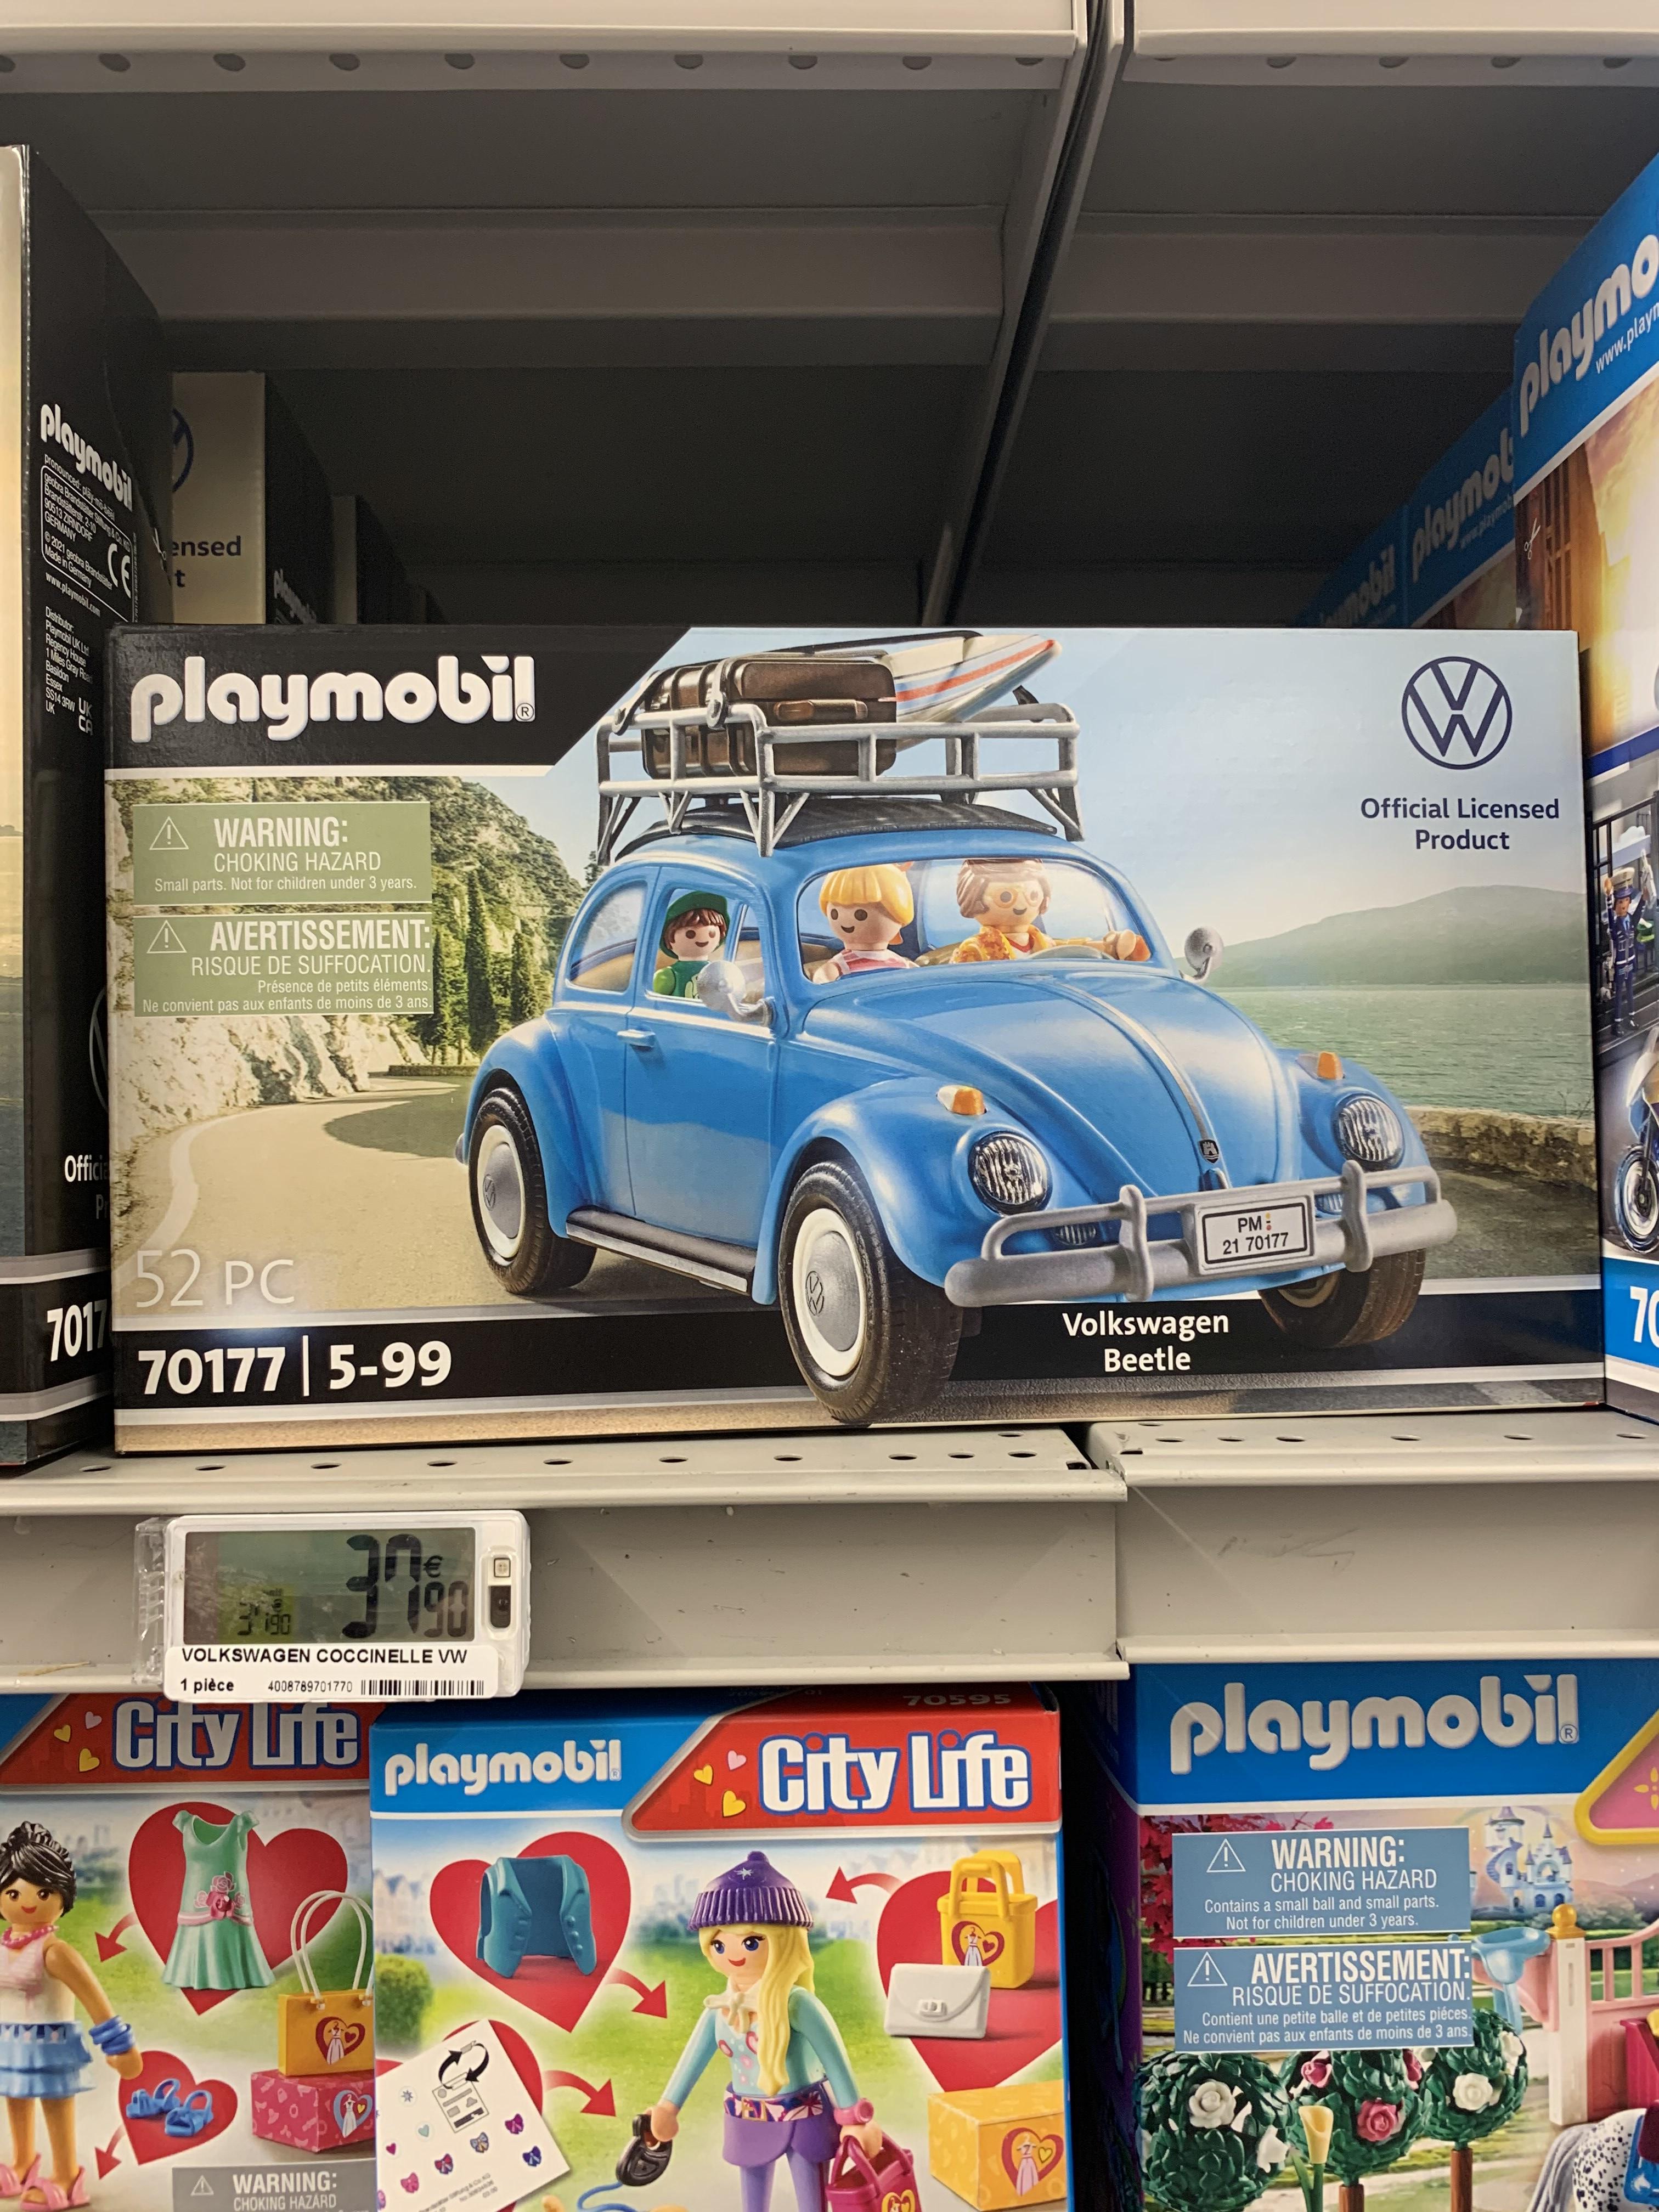 Jouet Playmobil : Volkswagen coccinelle n°70177 - Carrefour de Créteil soleil / Belle Epine (94)